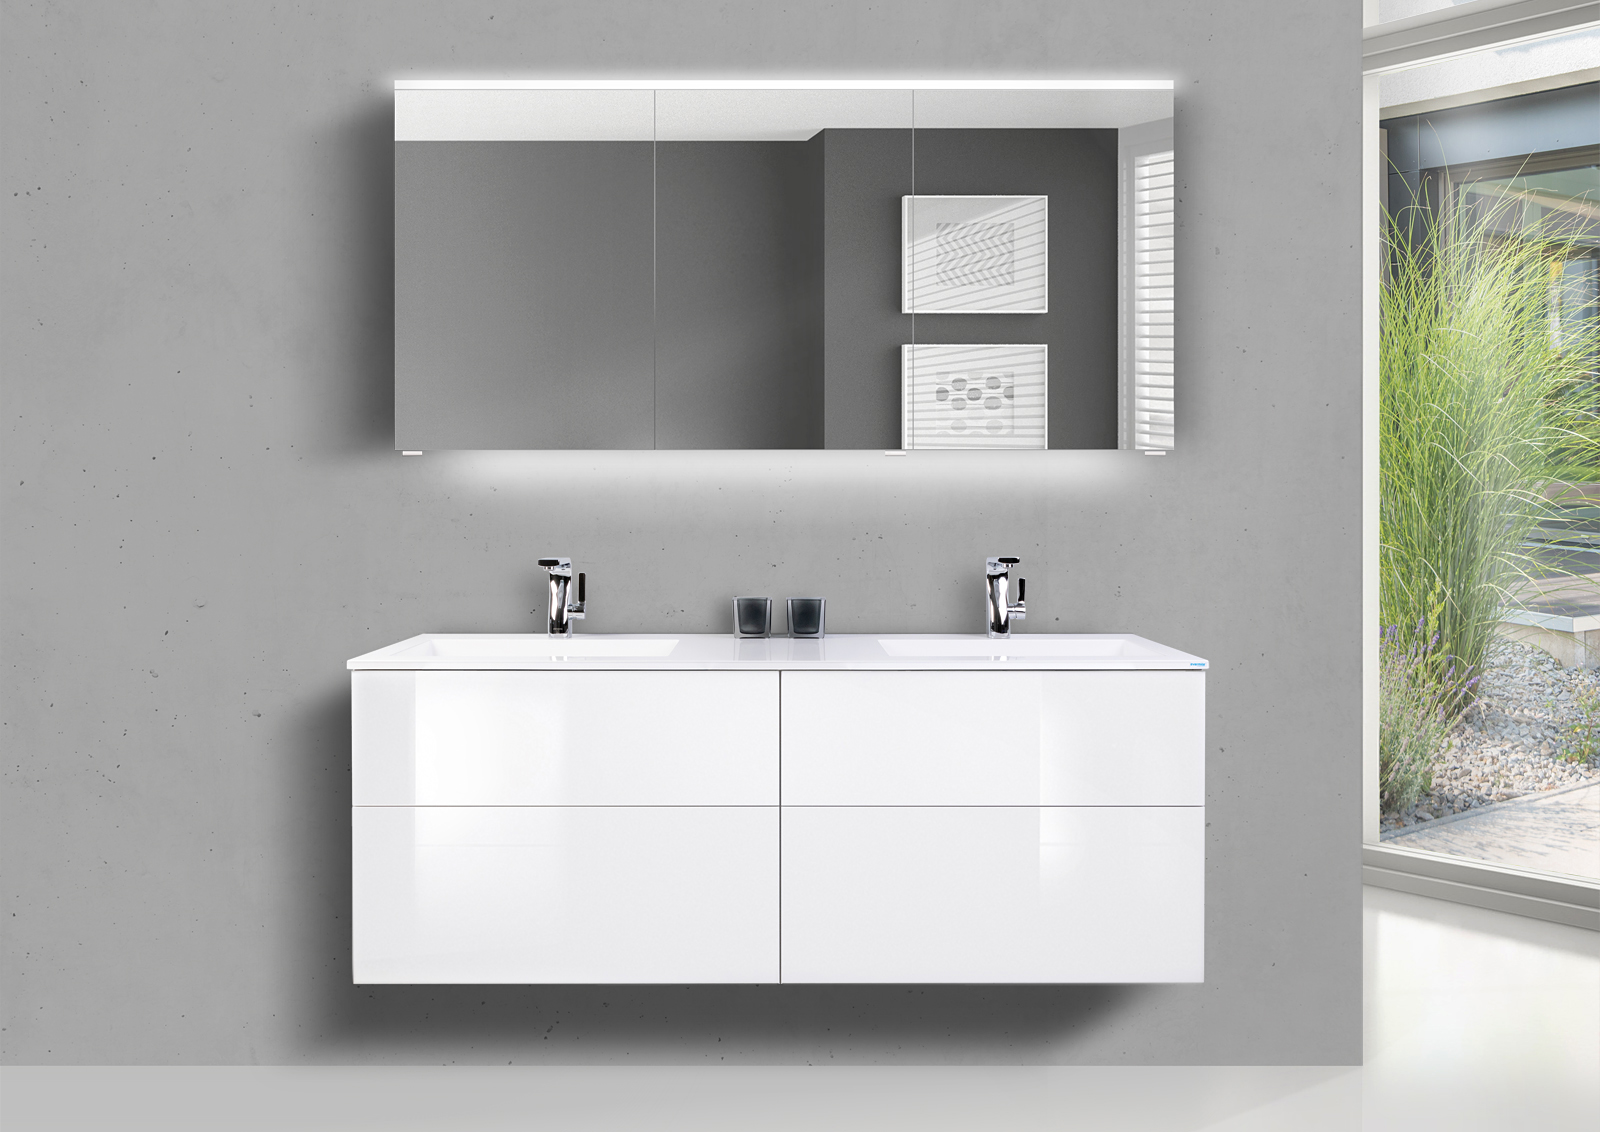 Badmöbel Set SKY grifflos 150 cm Doppelwaschtisch, mit Unterschrank und  Spiegelschrank